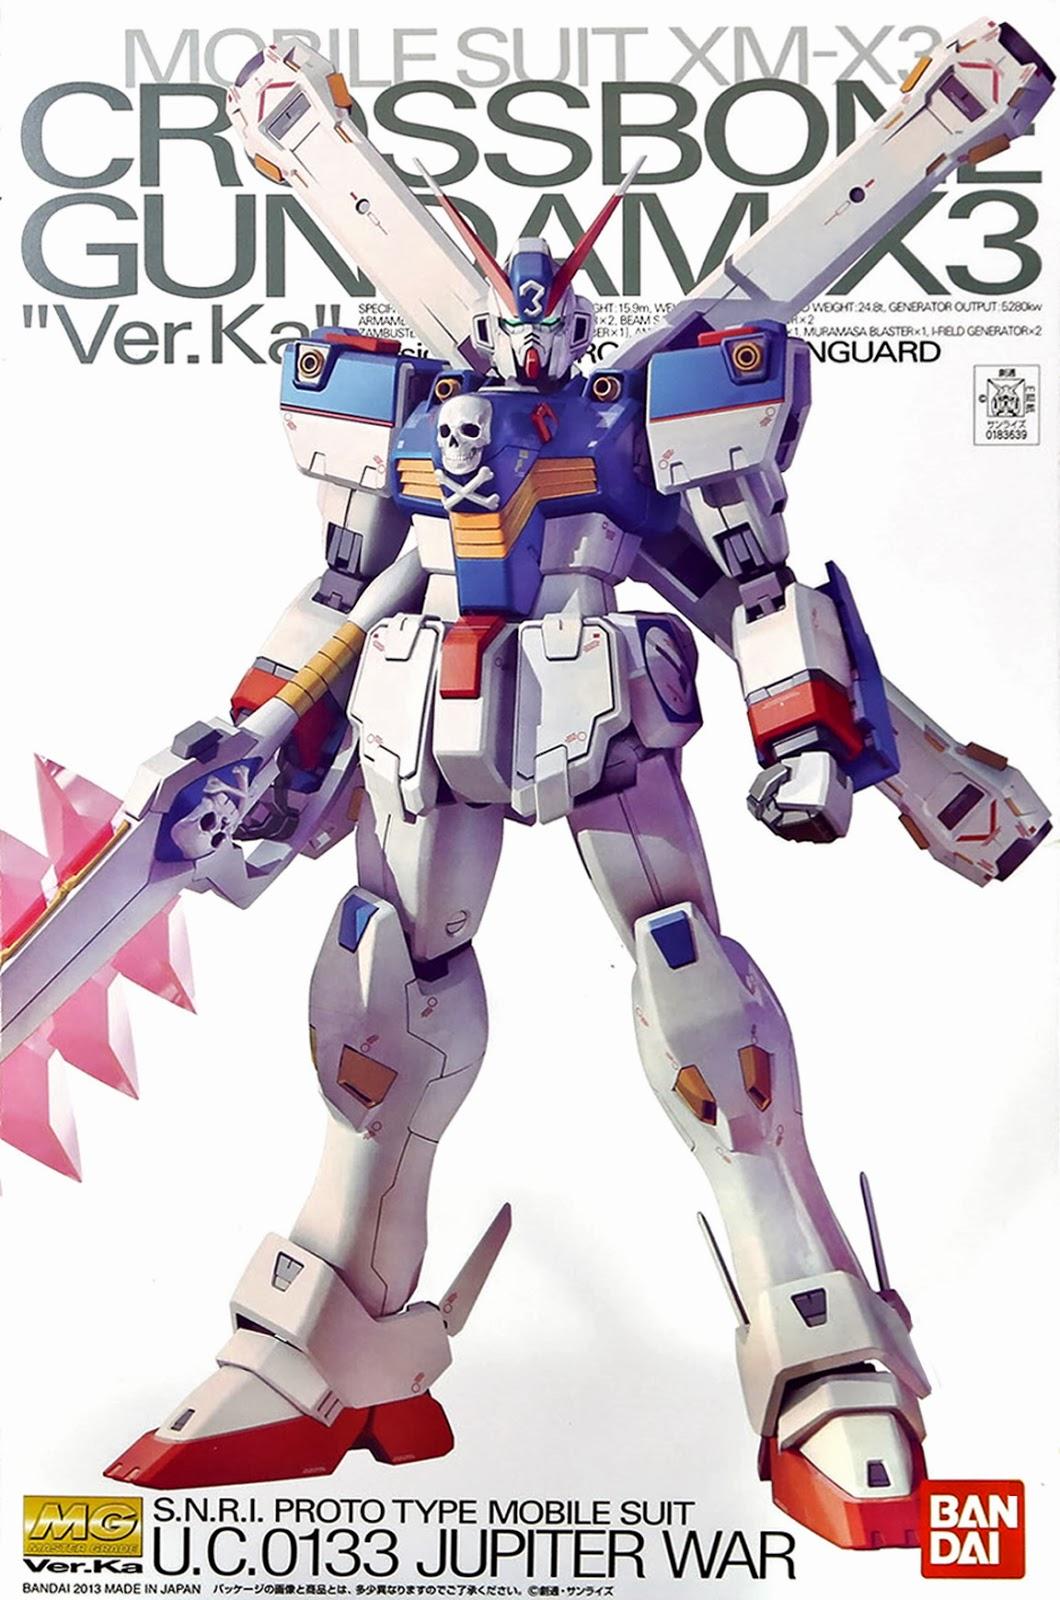 :P-bandai: MG 1/100 Master Grade Crossbone Gundam X3 Ver.ka